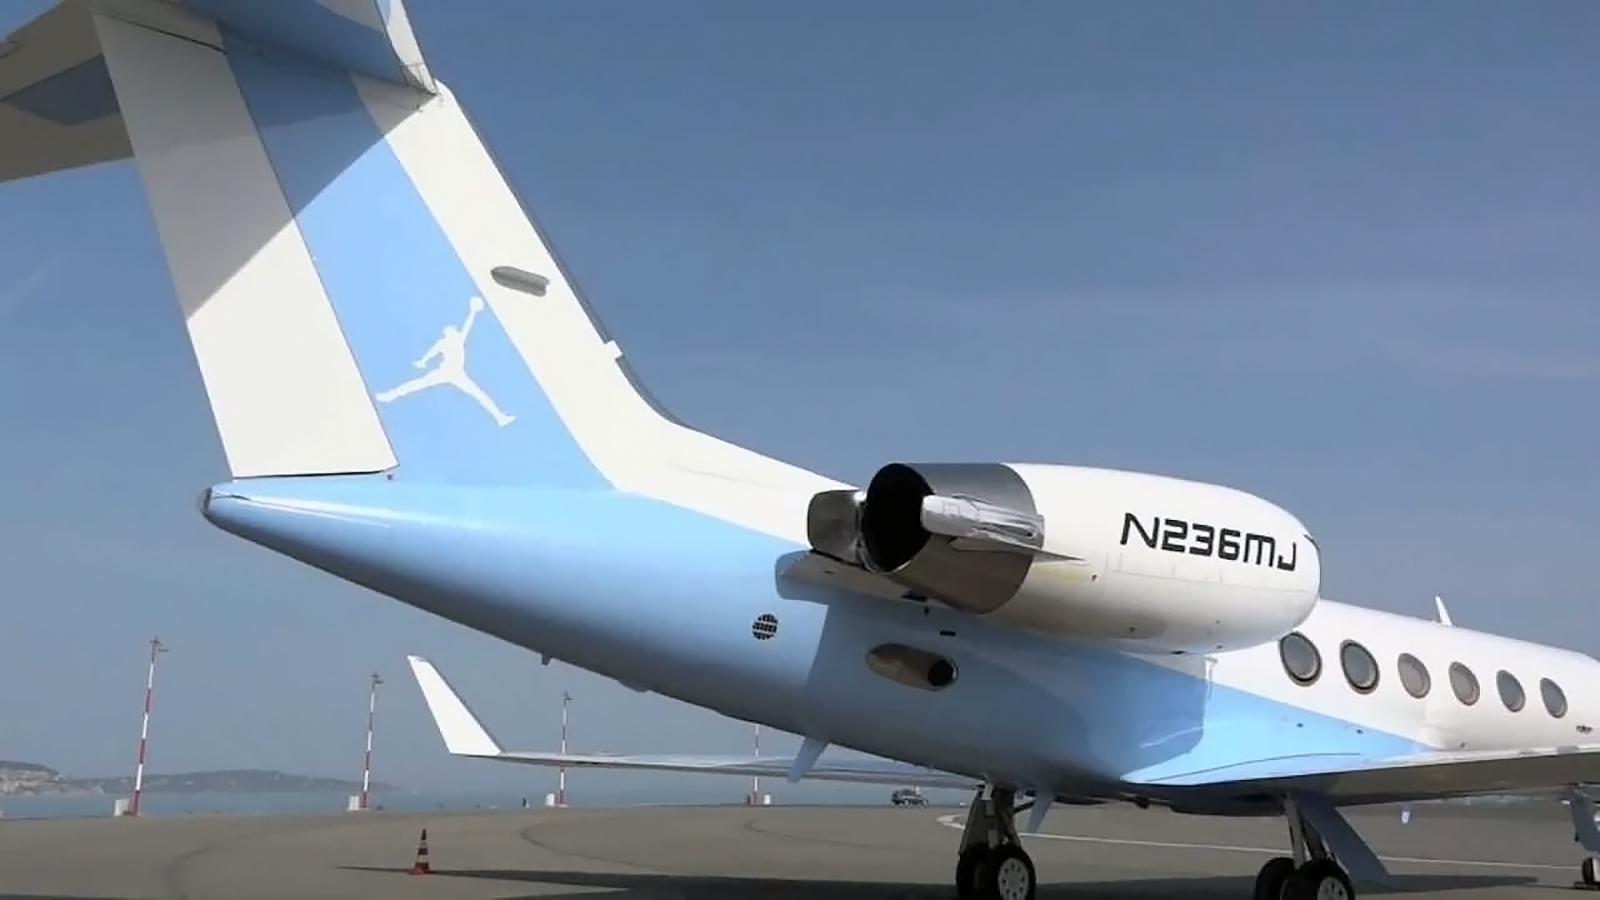 Личный самолет Майкла Джордана с бортовым номером N236MJ